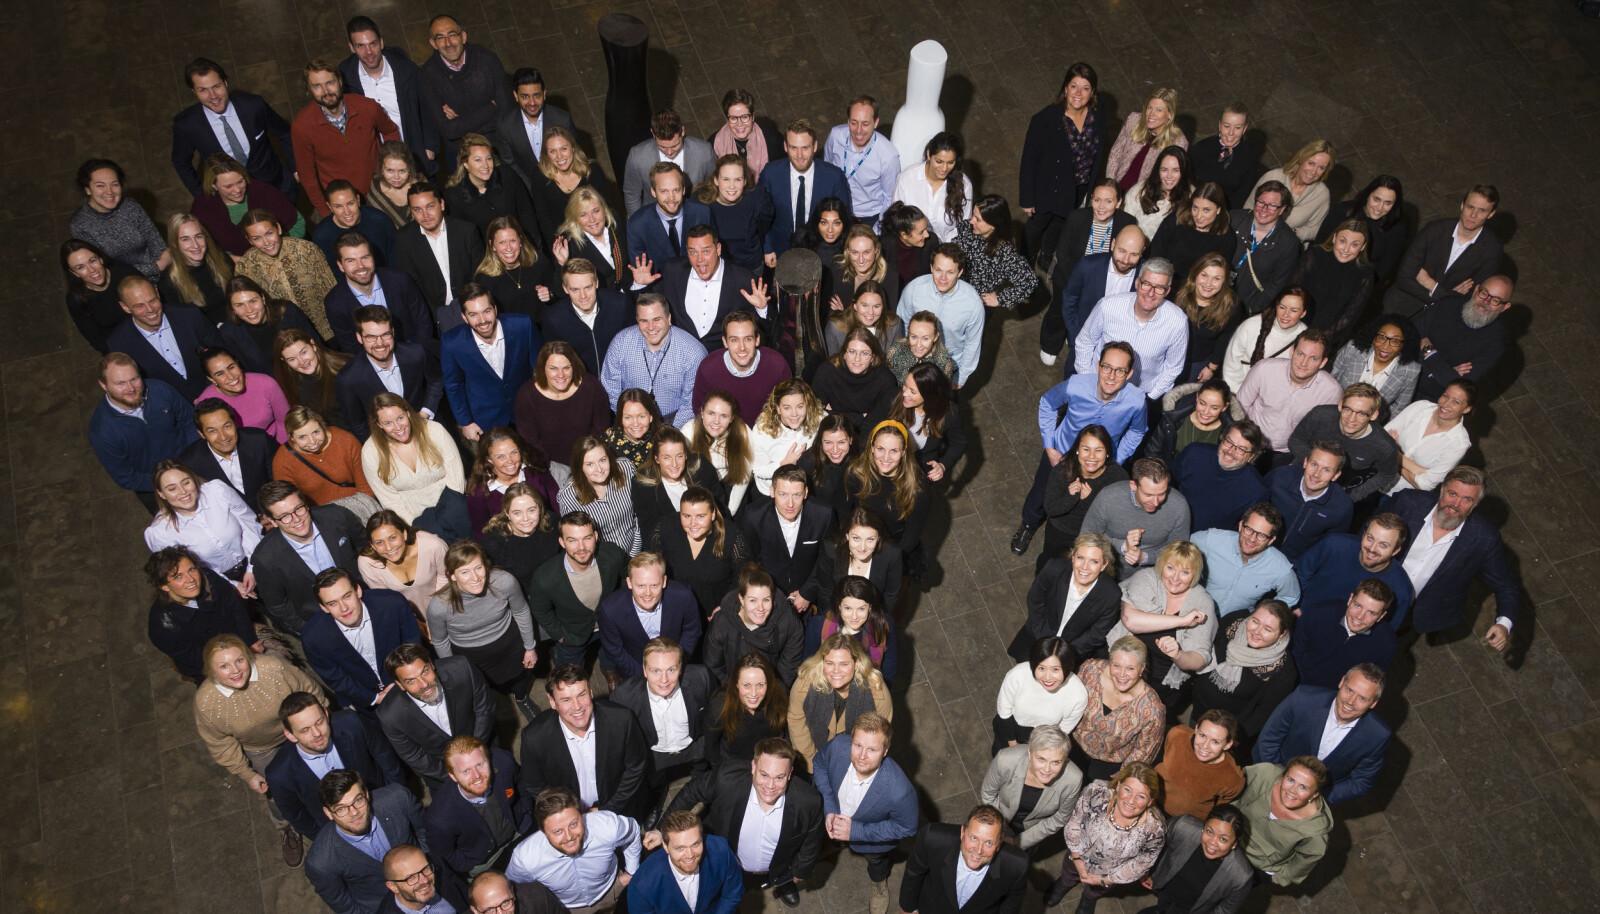 Help har over én million kunder i Norge. Alle i gruppen til venstre er advokater eller fullmektiger, mens gruppen til høyre har andre fagtitler som teknisk utviklere, økonomer og markedsførere.